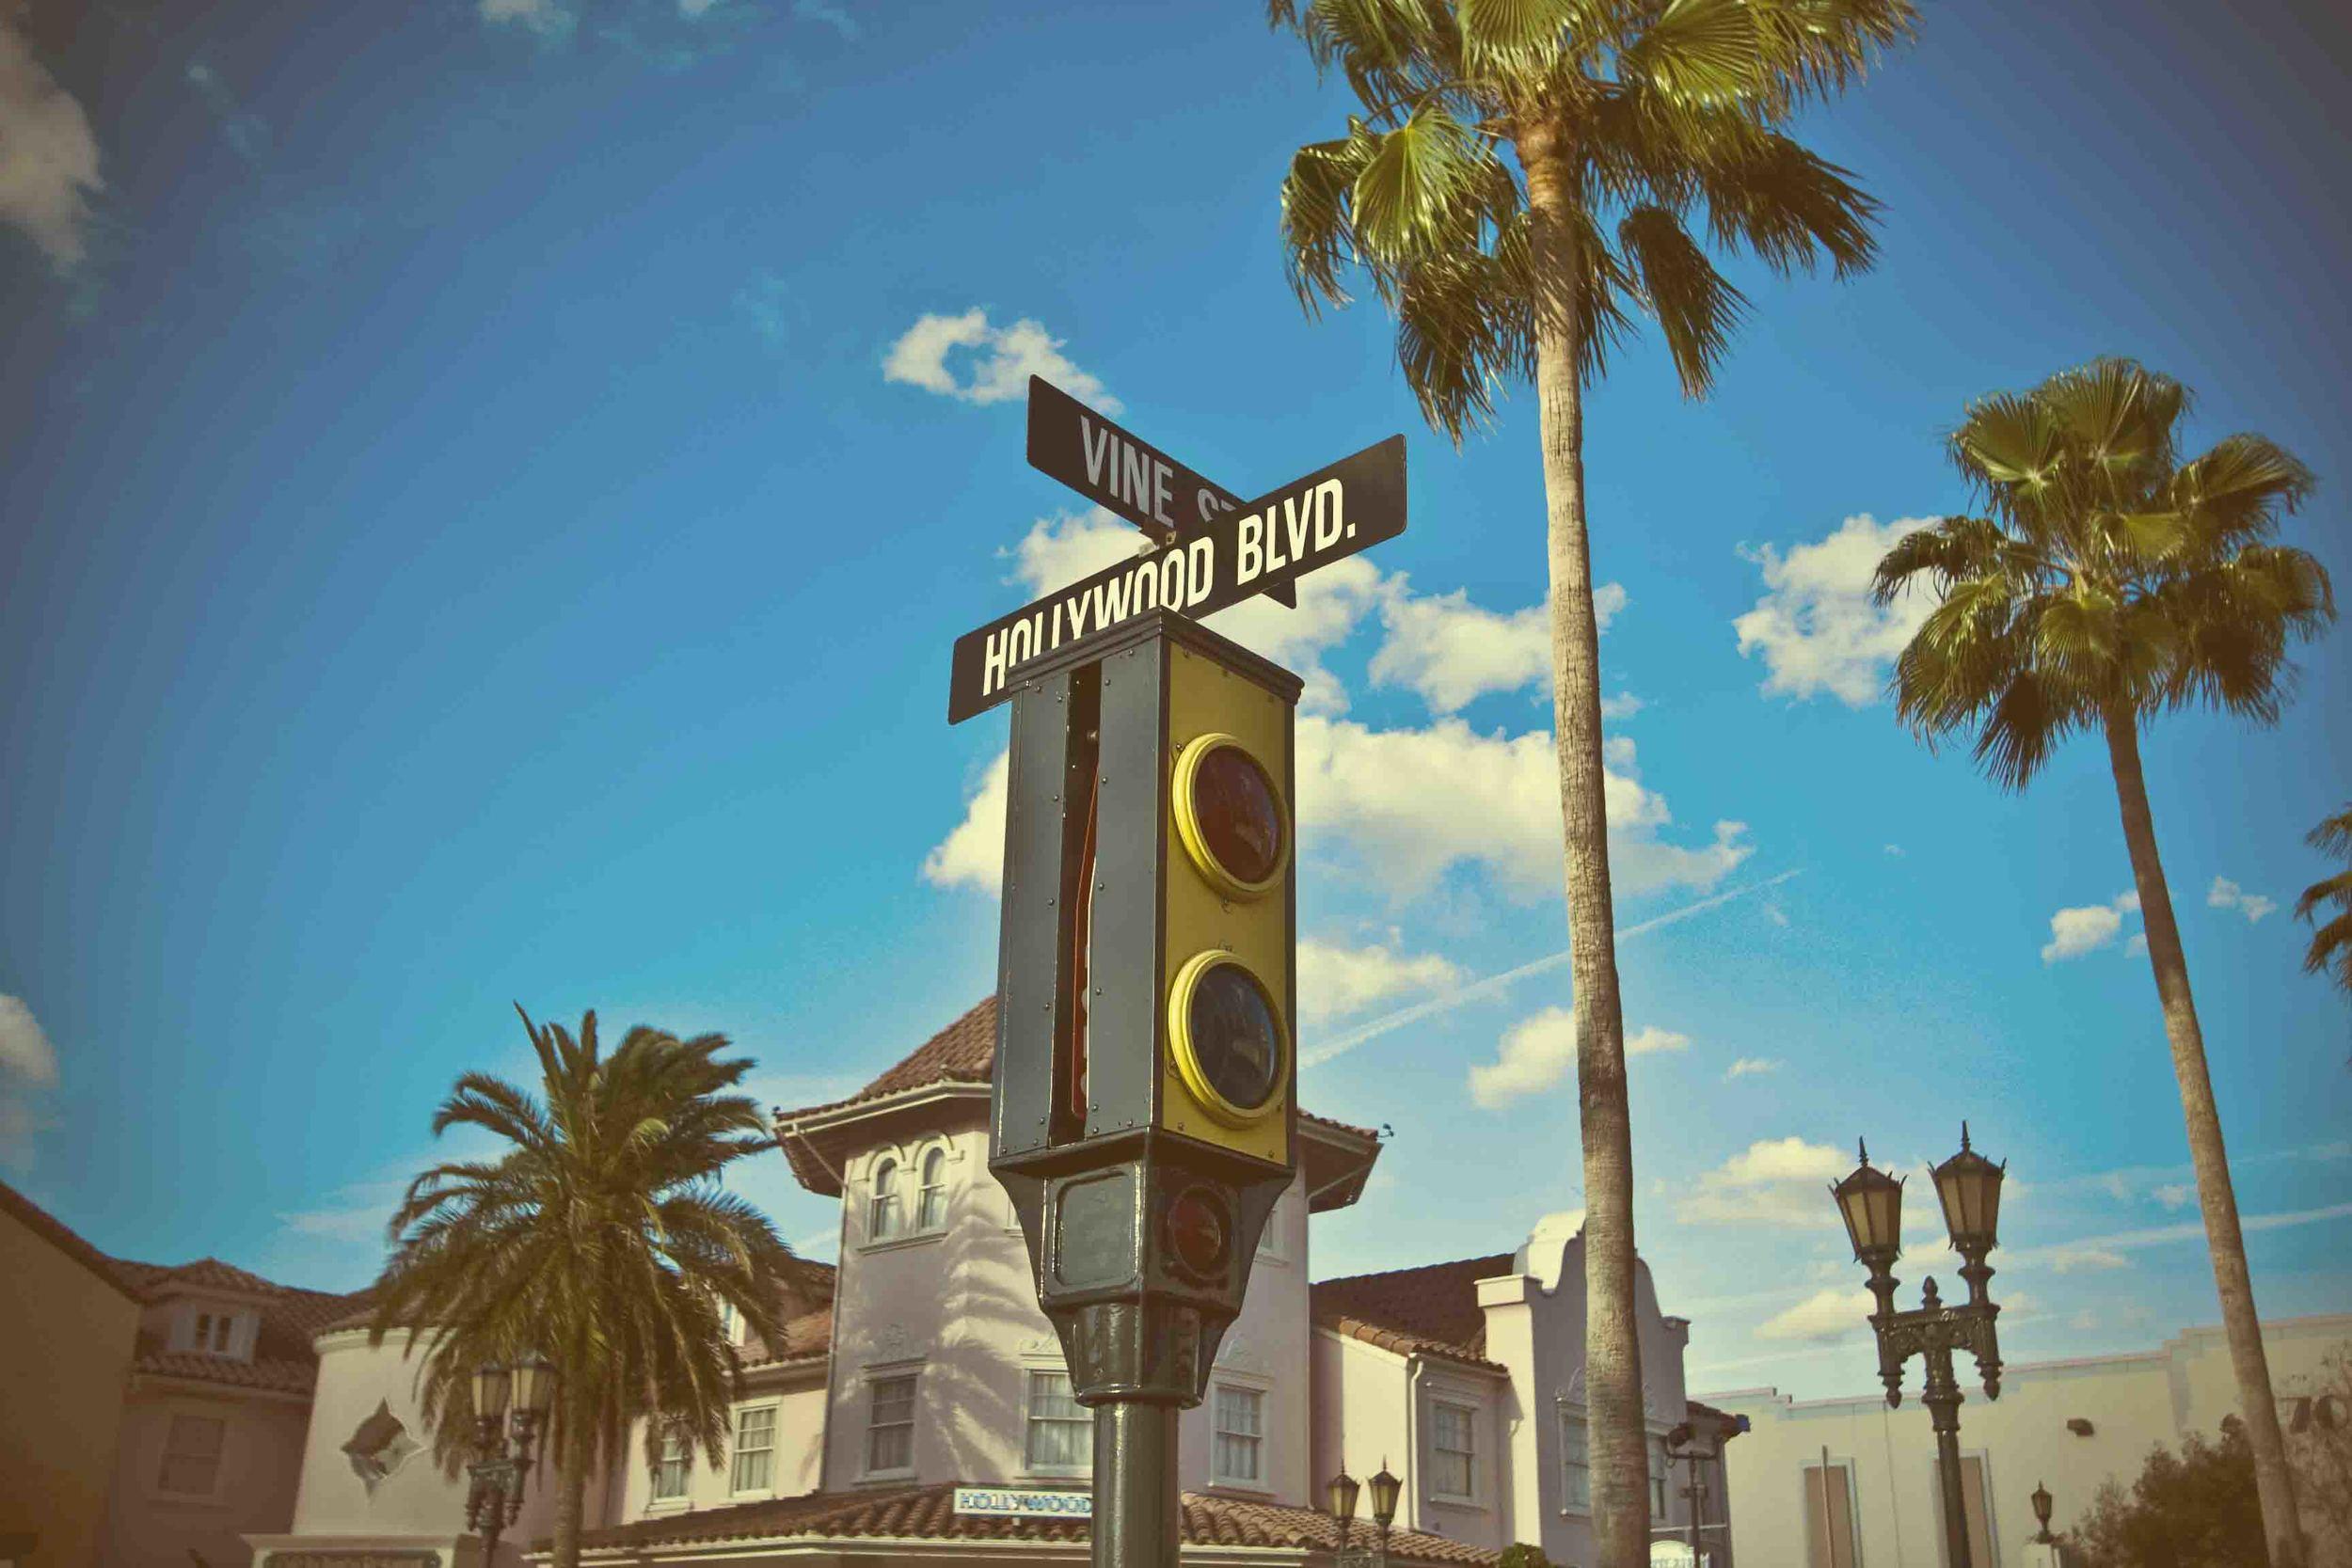 Hollywood&vine